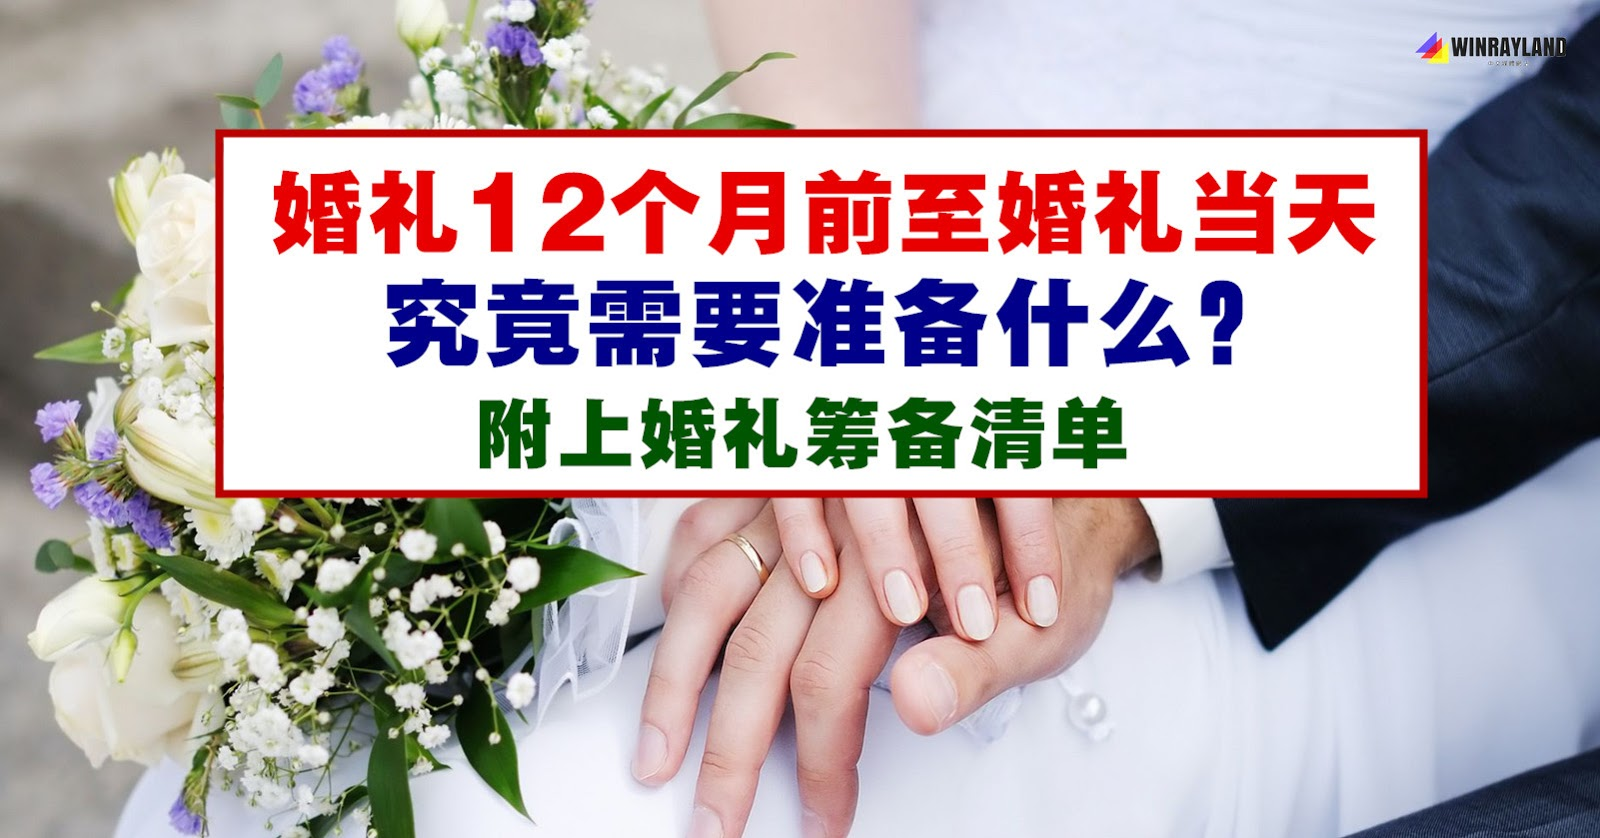 婚礼筹备清单,附上婚礼12个月前至婚礼当天的流程